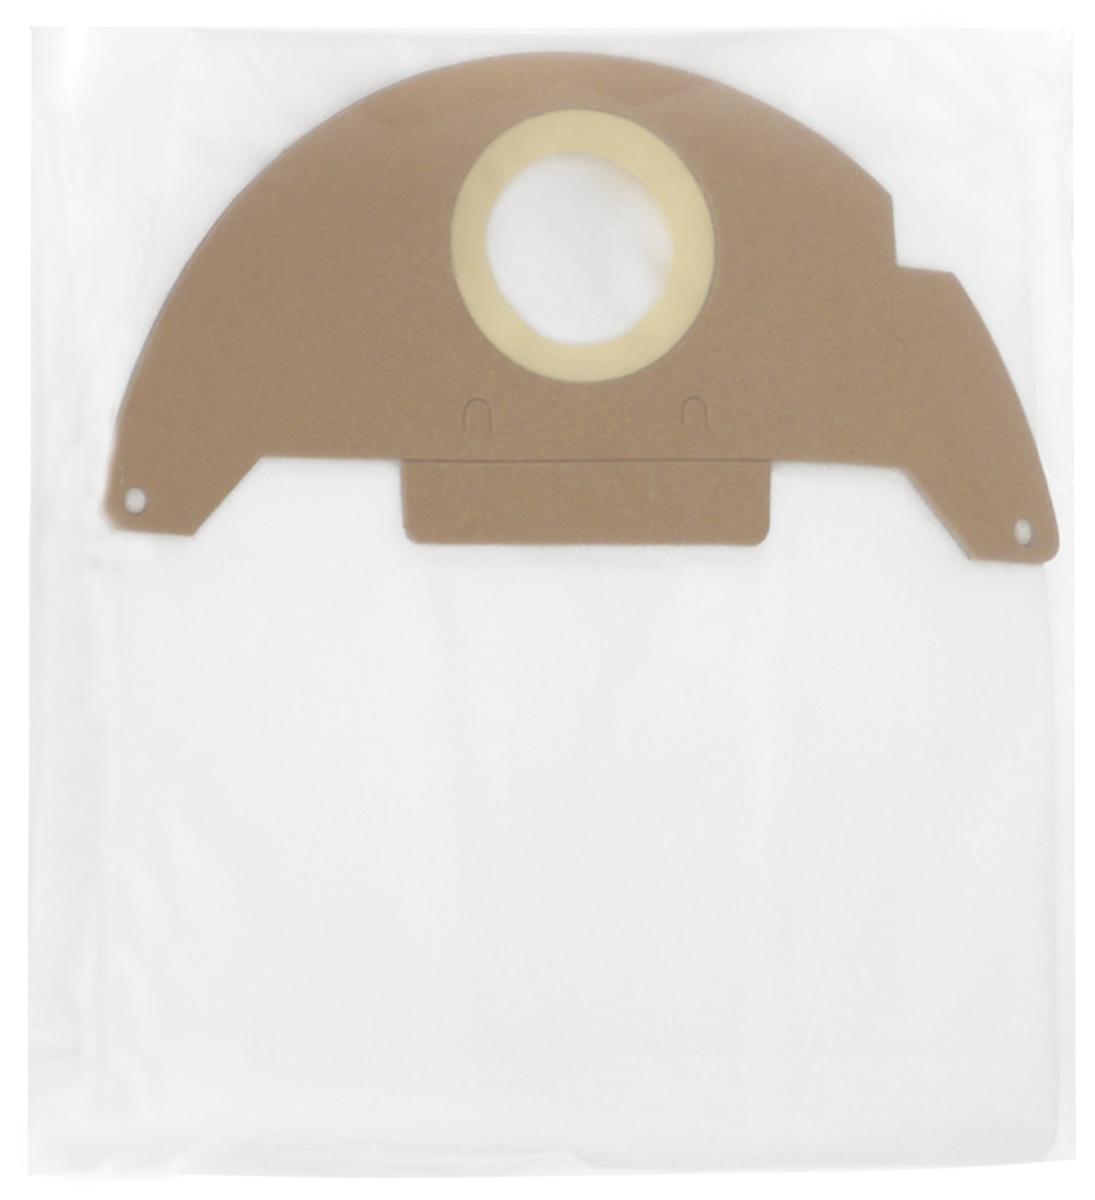 Filtero KAR 10 Pro комплект пылесборников для промышленных пылесосов, 4 шт пылесборник filtero kar 20 2 pro для промышленных пылесосов